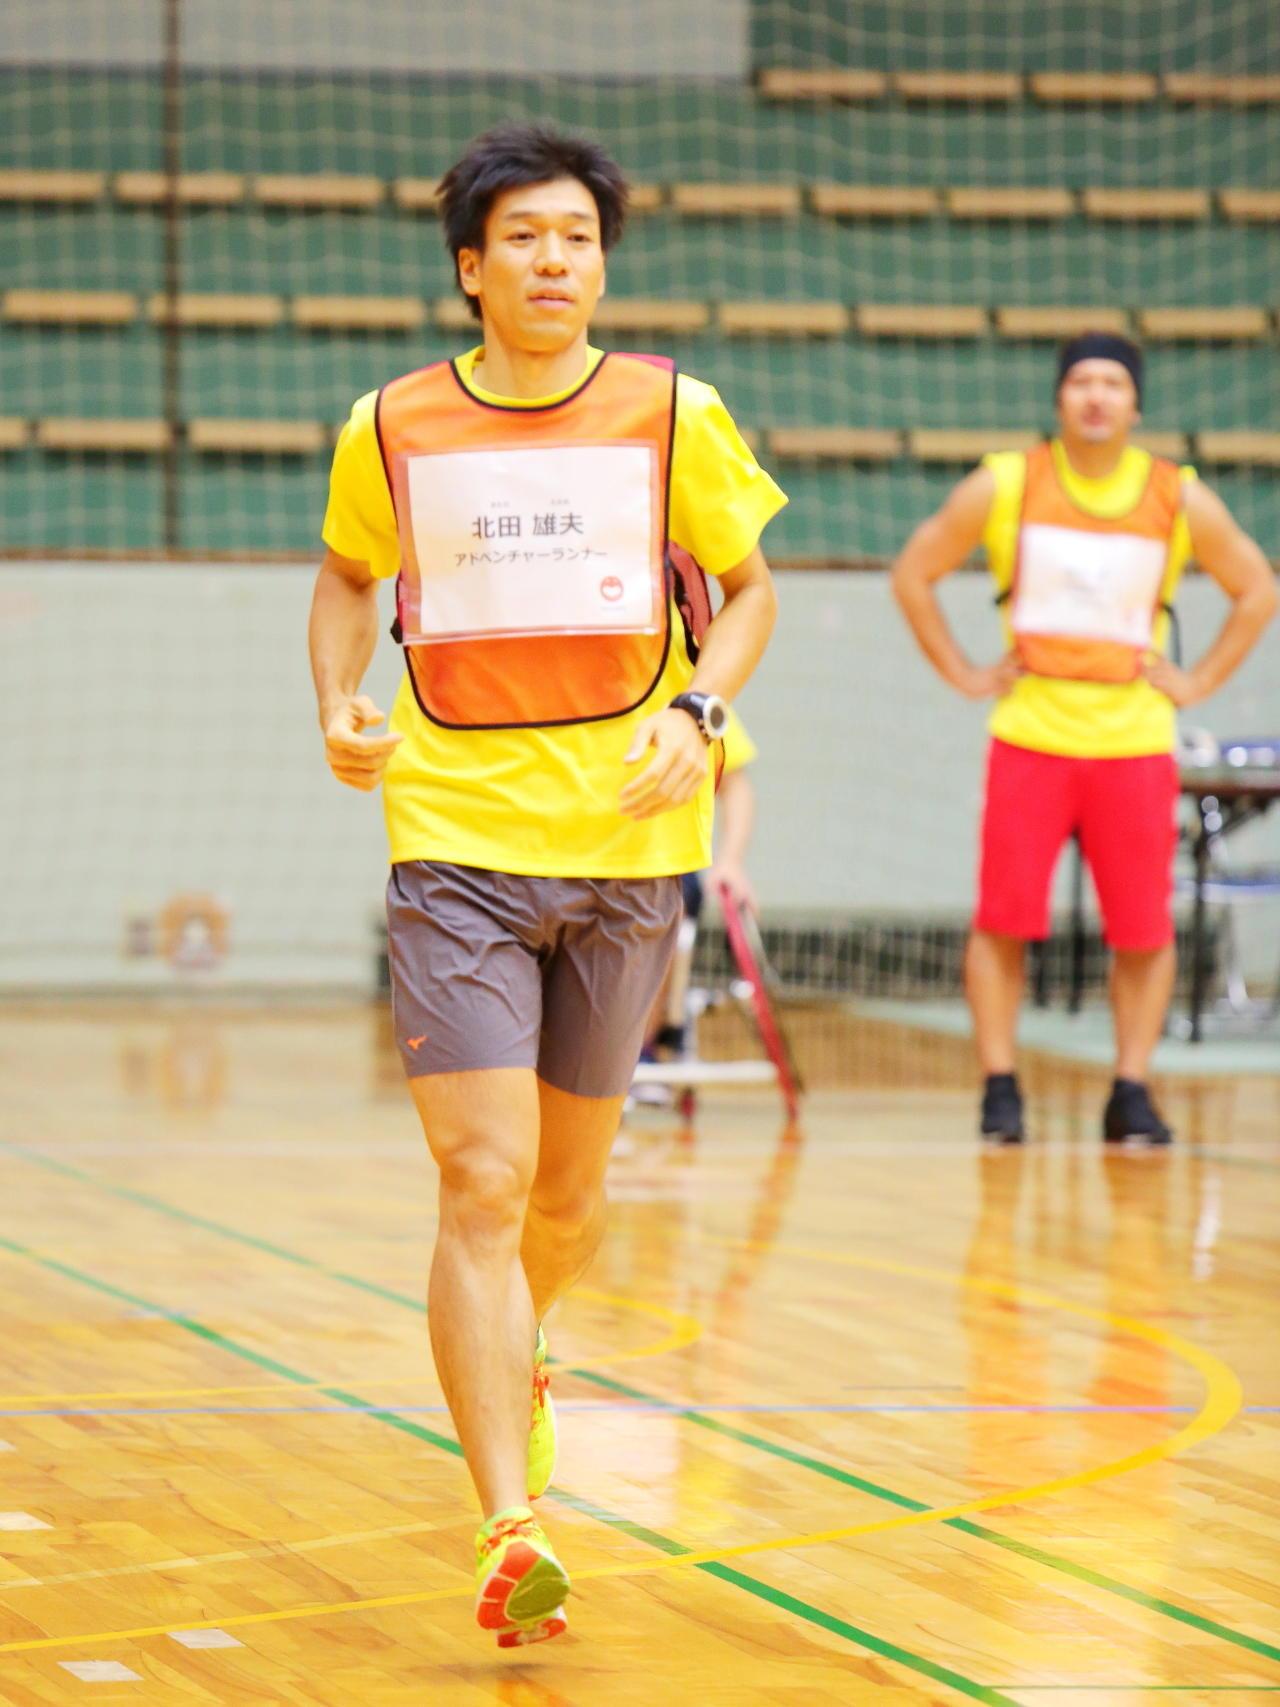 http://news.yoshimoto.co.jp/20171012102111-d83695111ede12000af0fe577304ced35d9dfd46.jpg